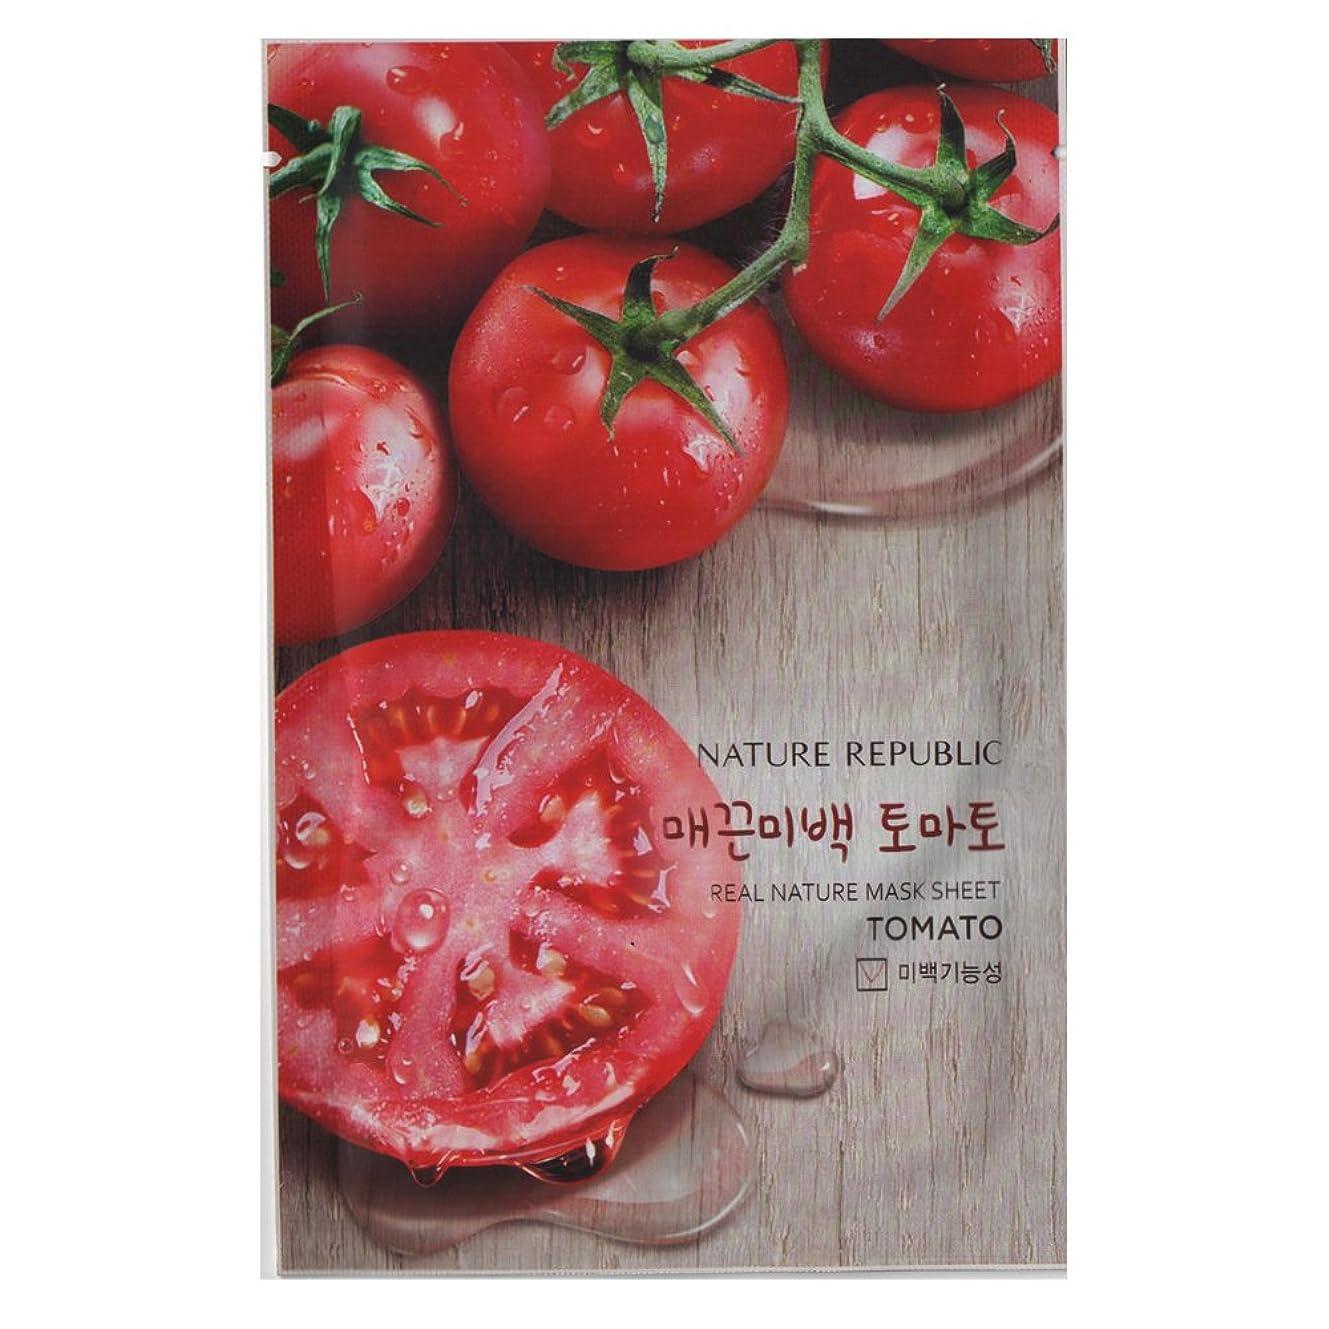 それる独占一流[NATURE REPUBLIC] リアルネイチャー マスクシート Real Nature Mask Sheet (Tomato (トマト) 10個) [並行輸入品]